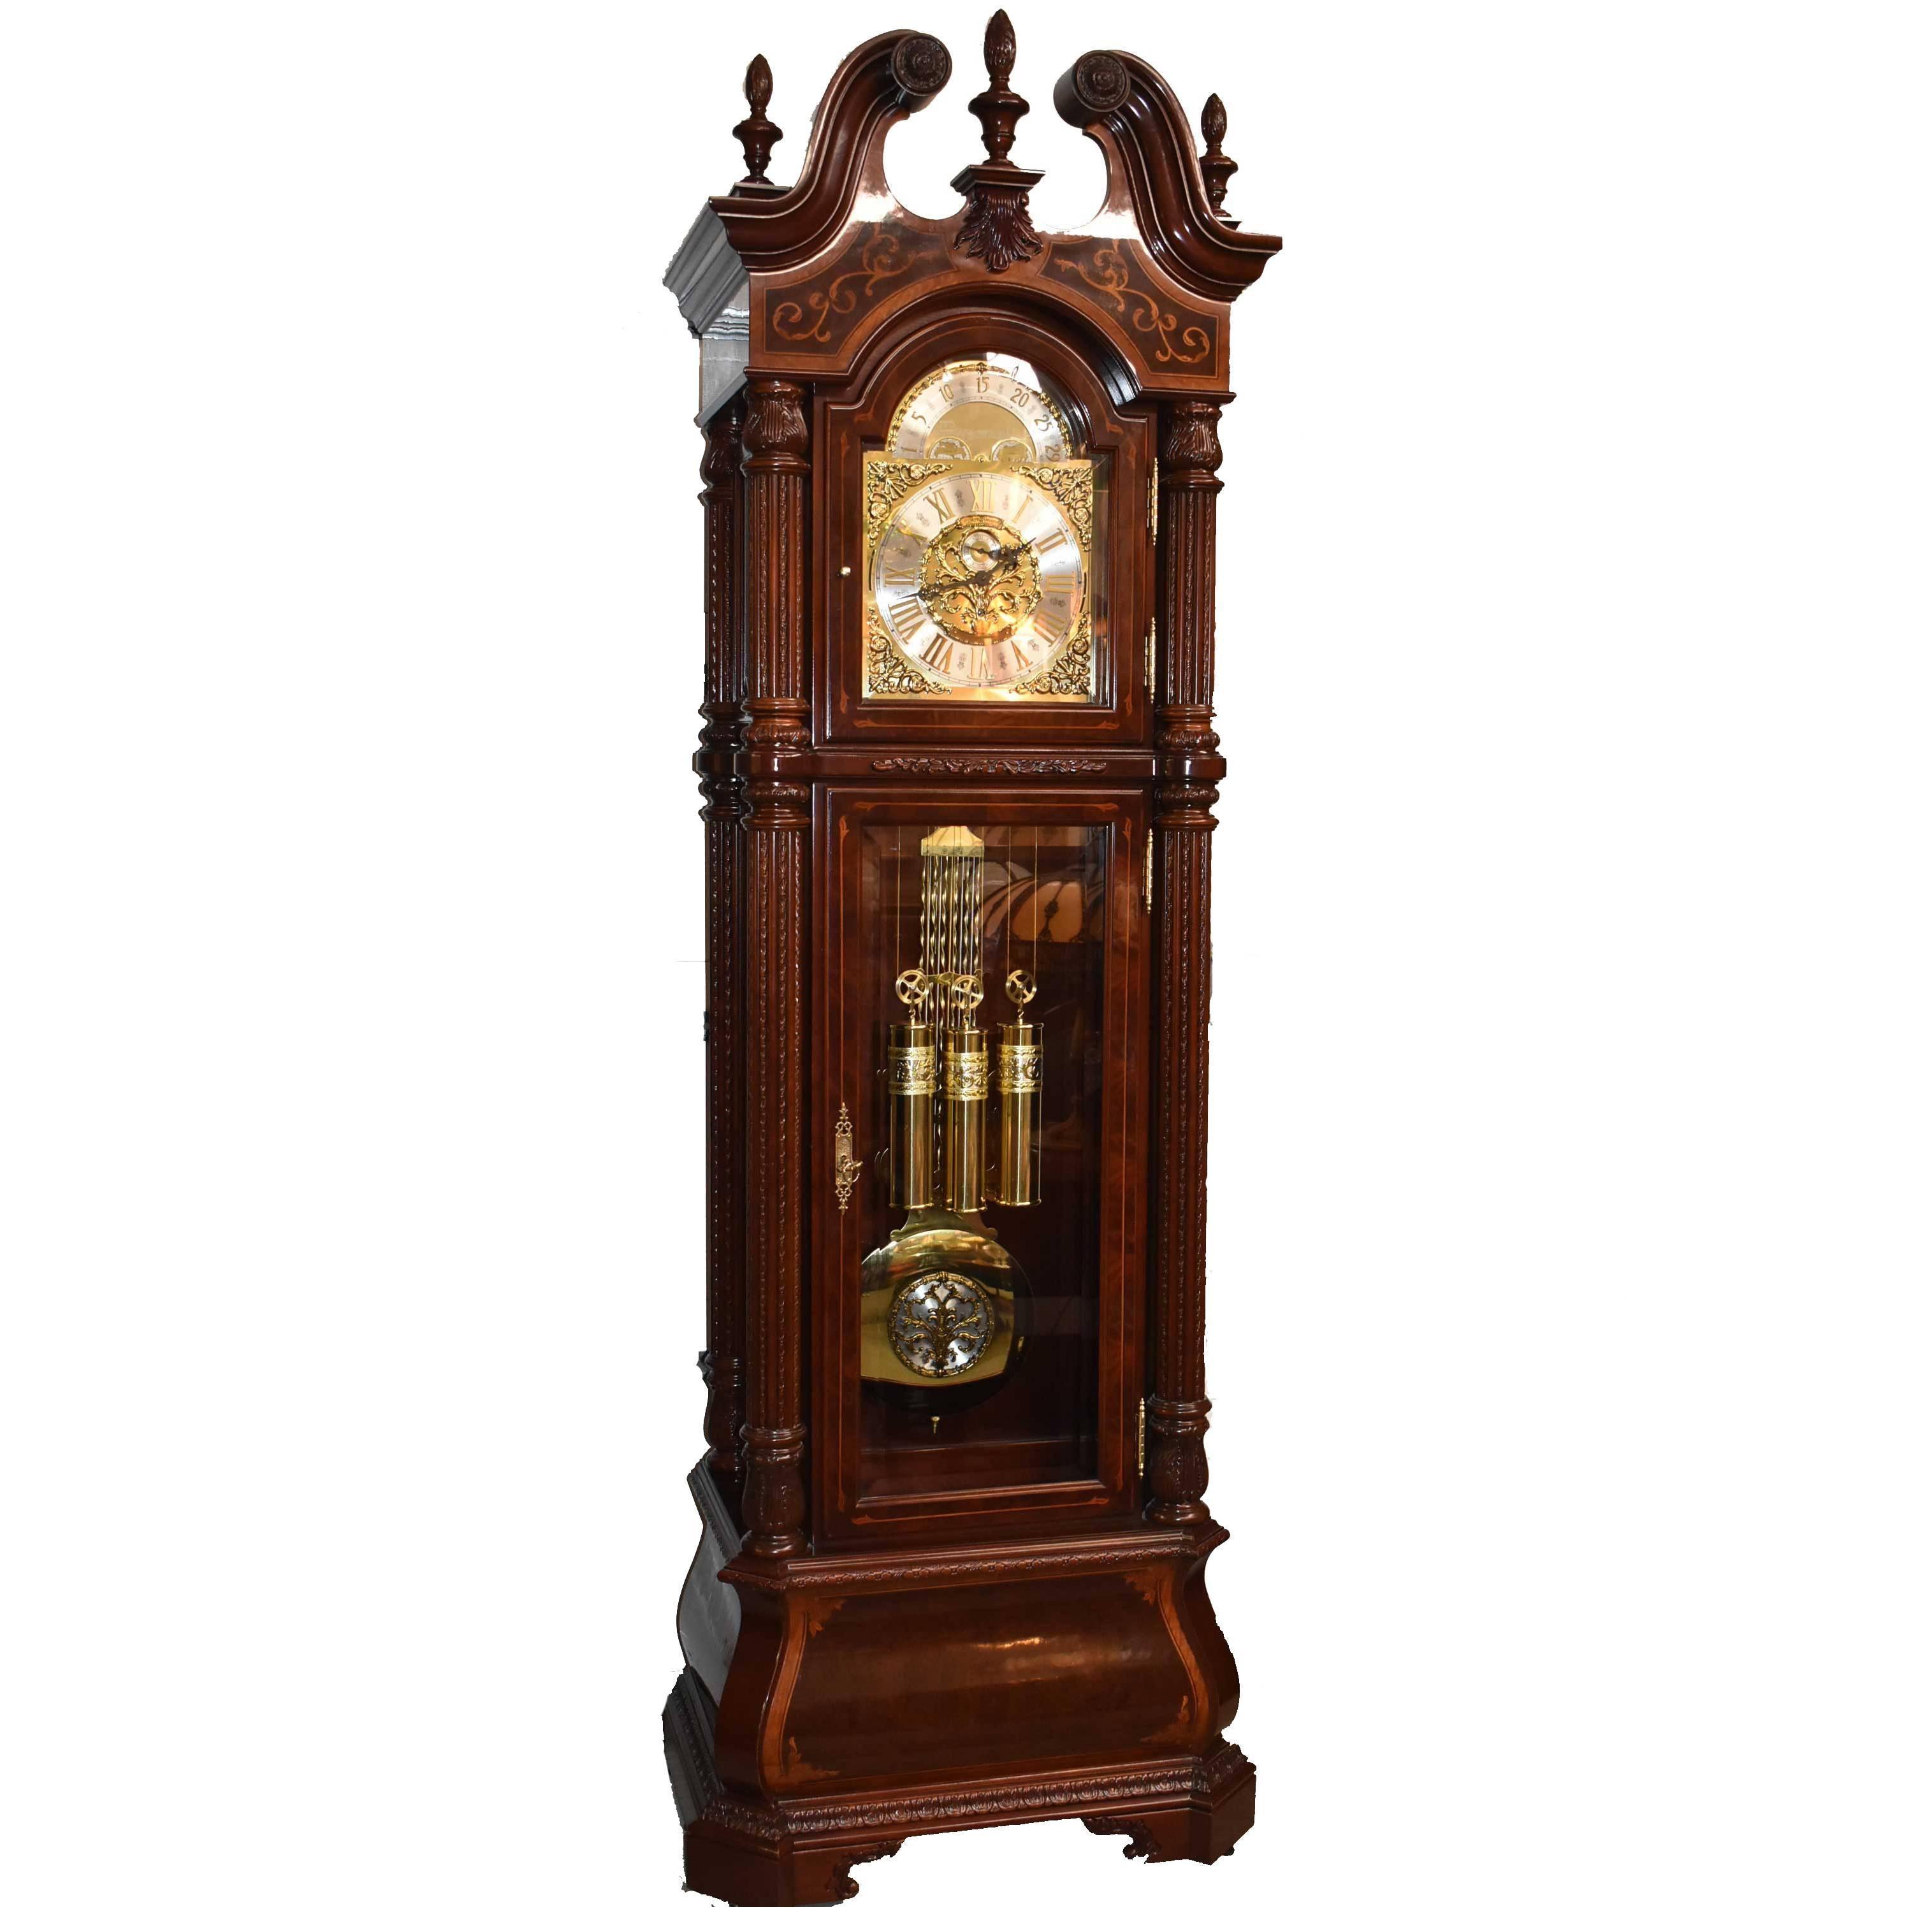 J.H. Miller Grandfather Floor Clock